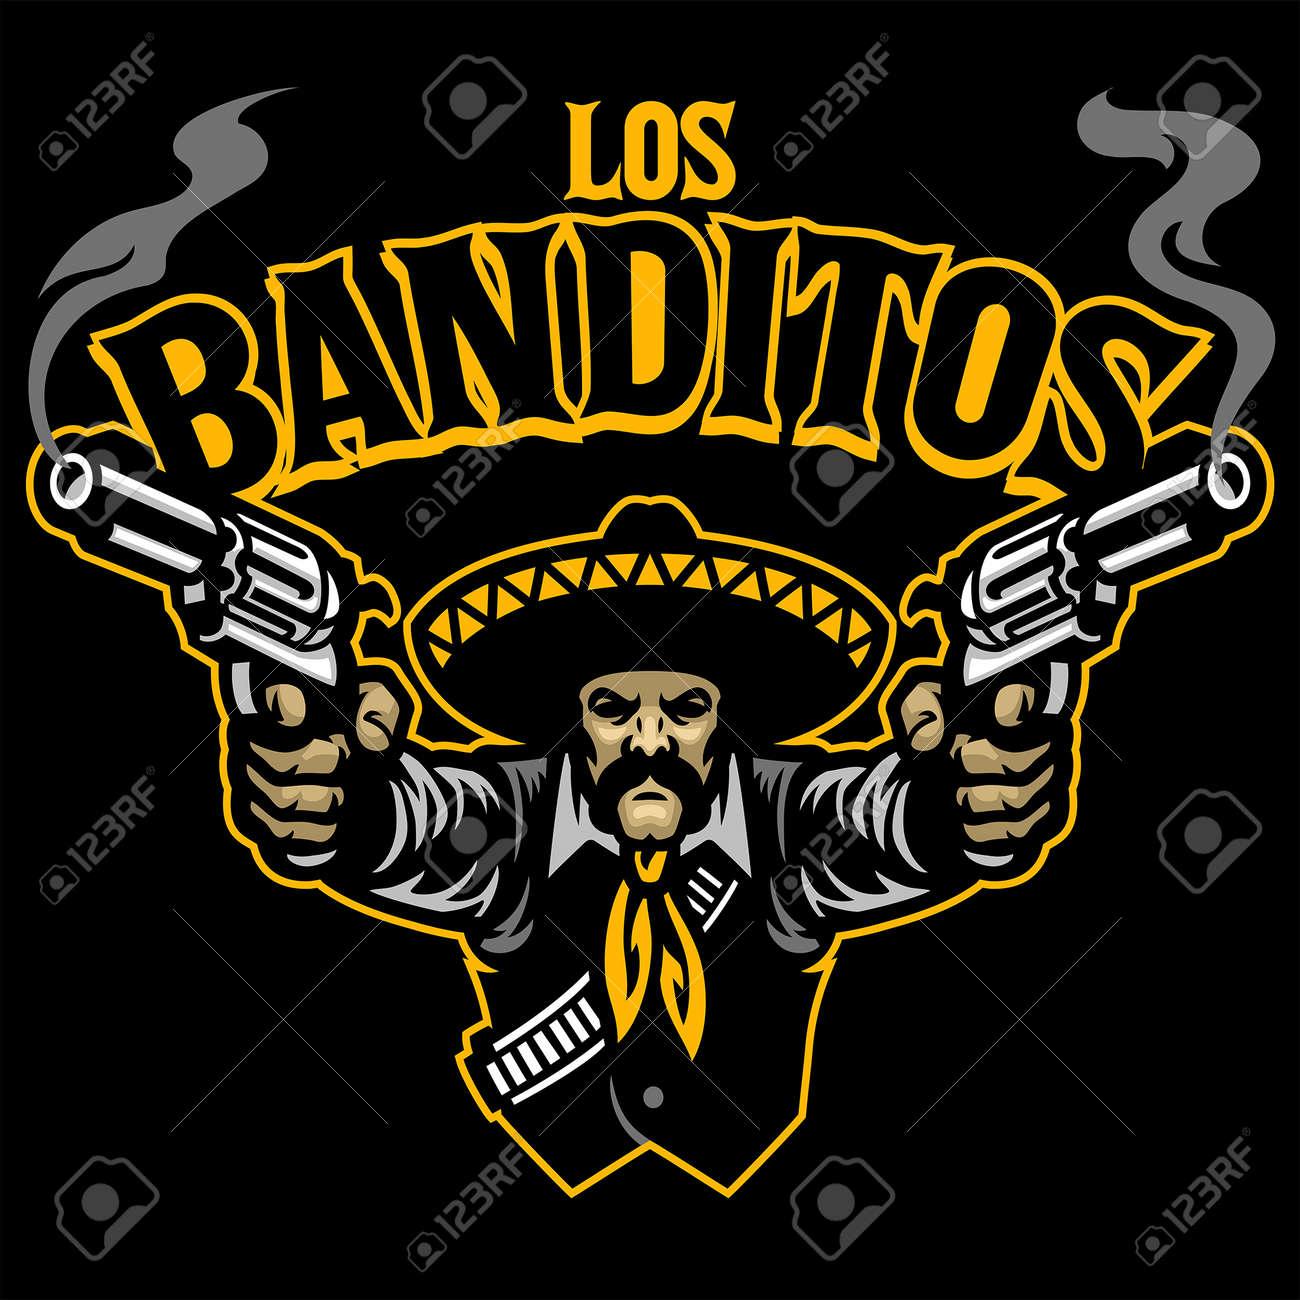 Mexican man aiming two guns - 169099658